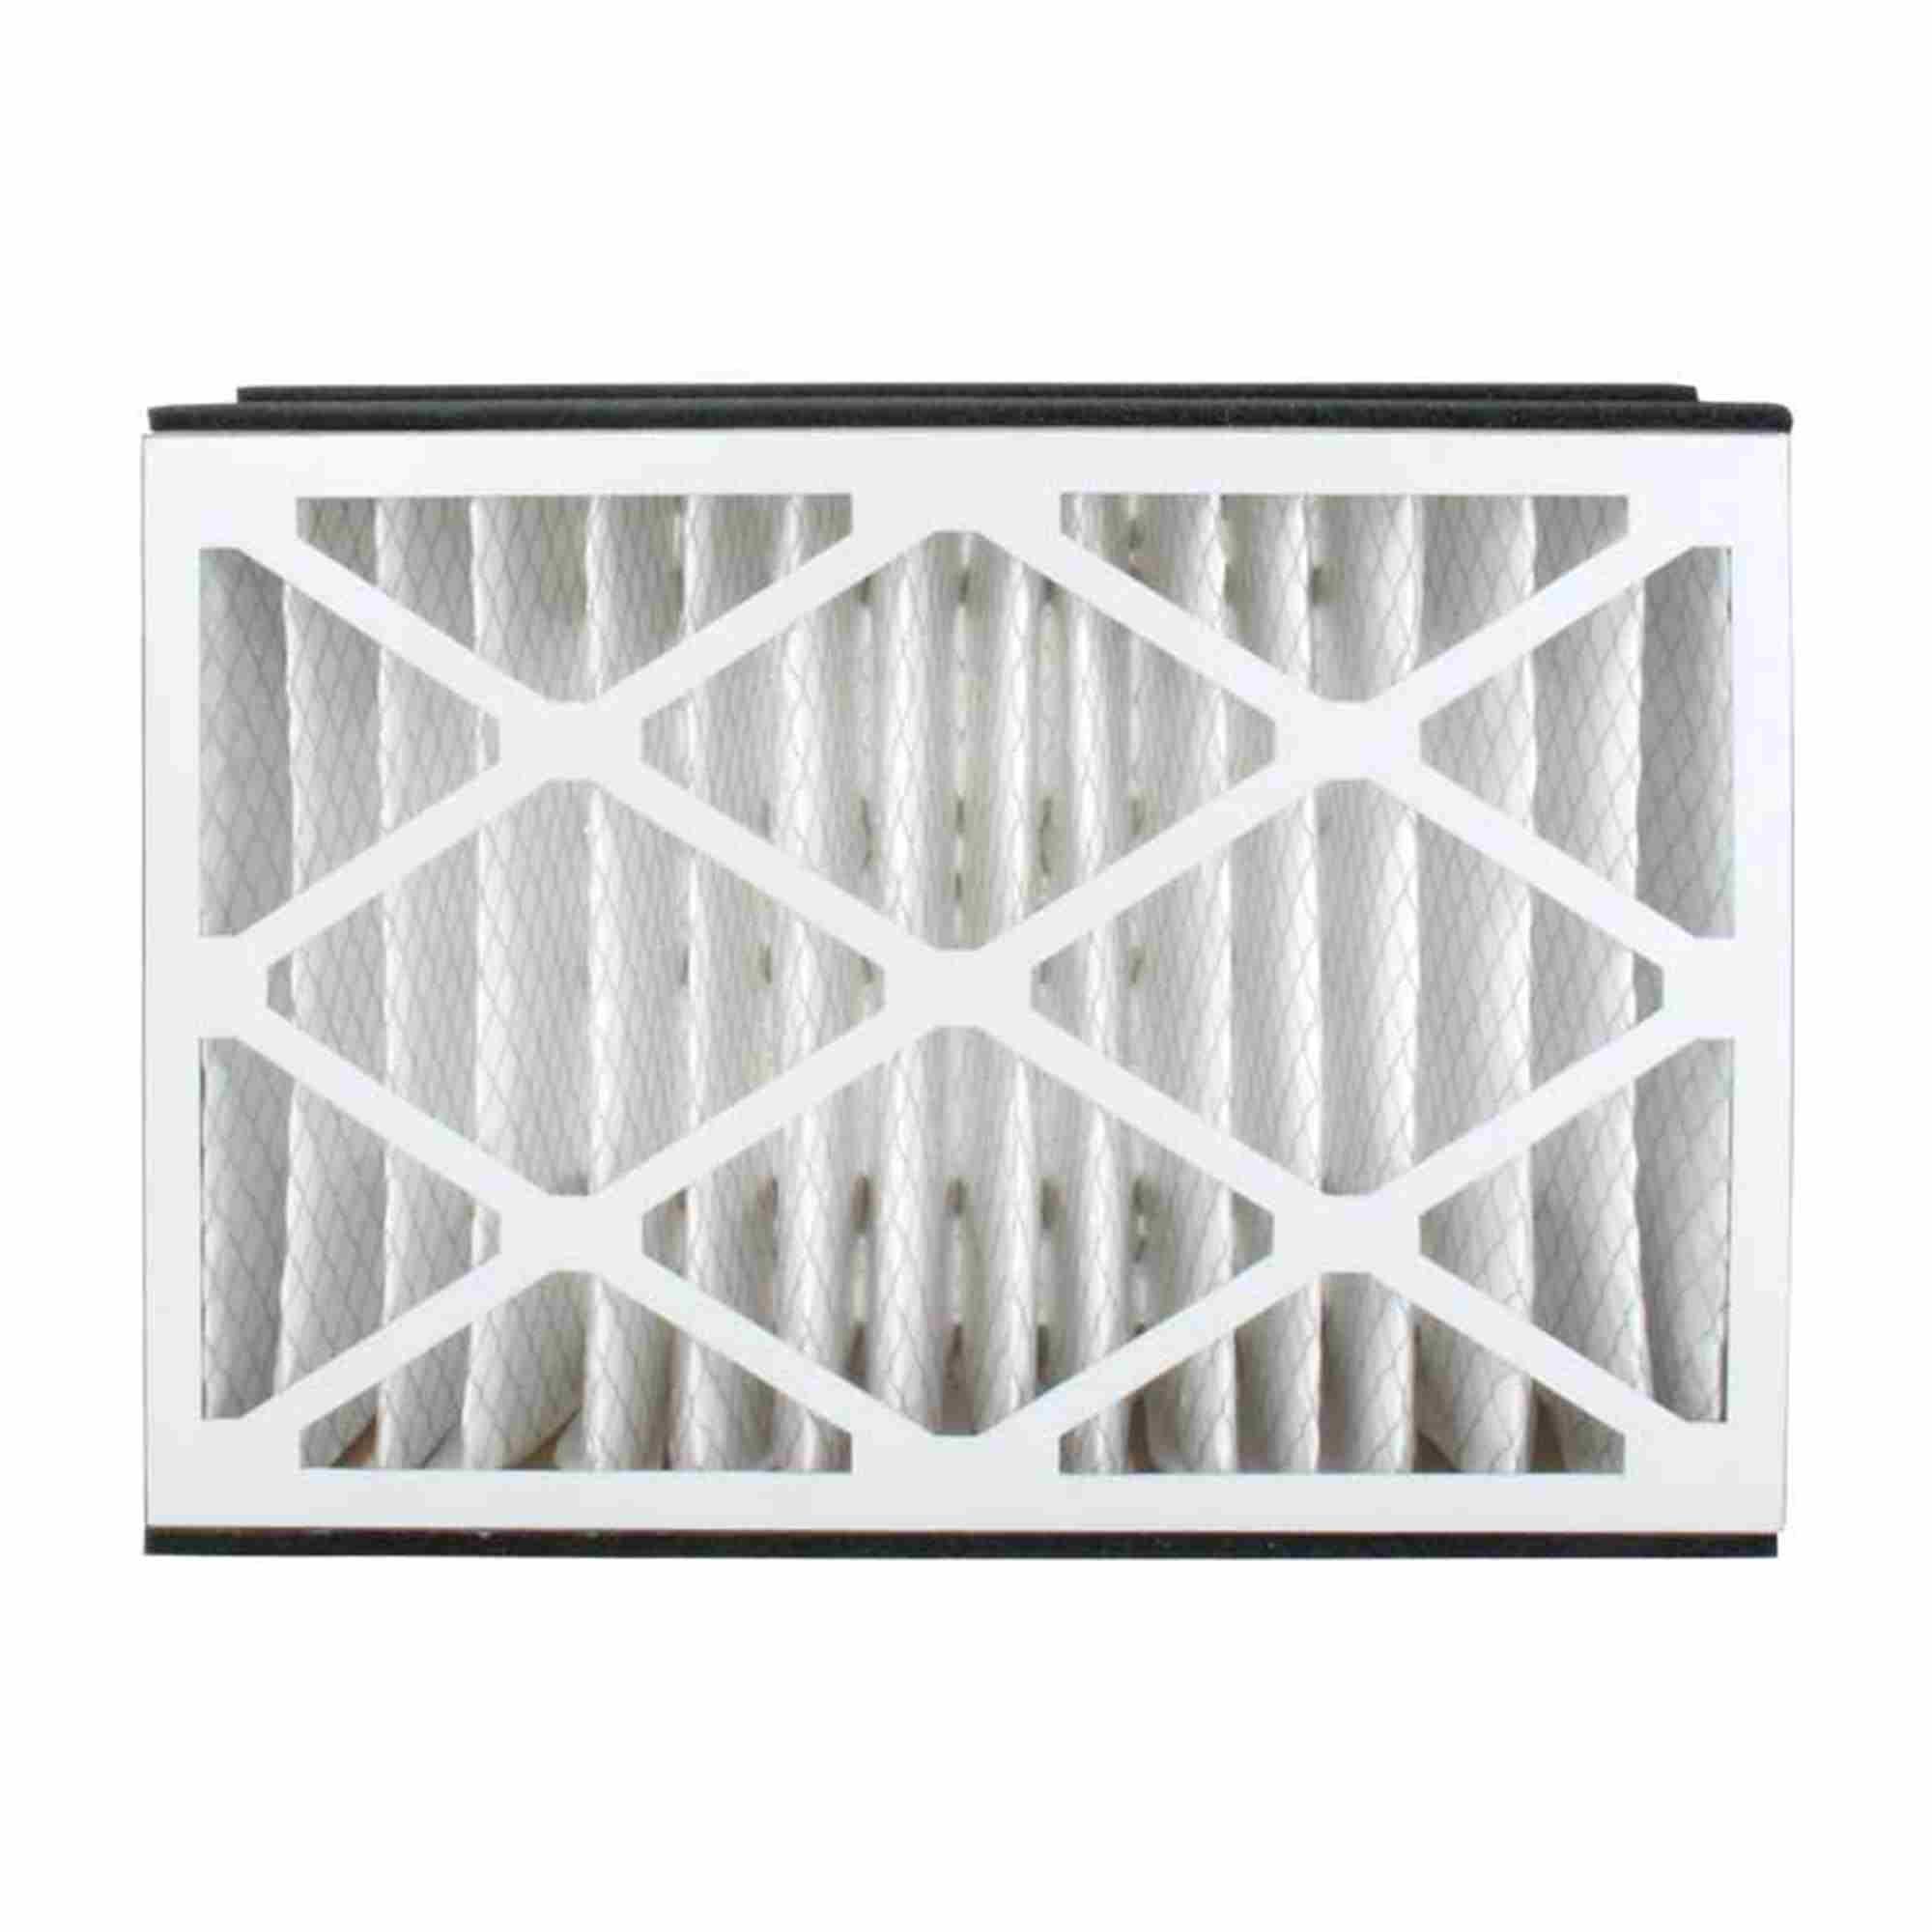 3 X Trion Air Bear 255649-105 - Pleated Furnace Air Filter 16''x25''x5'' MERV 8